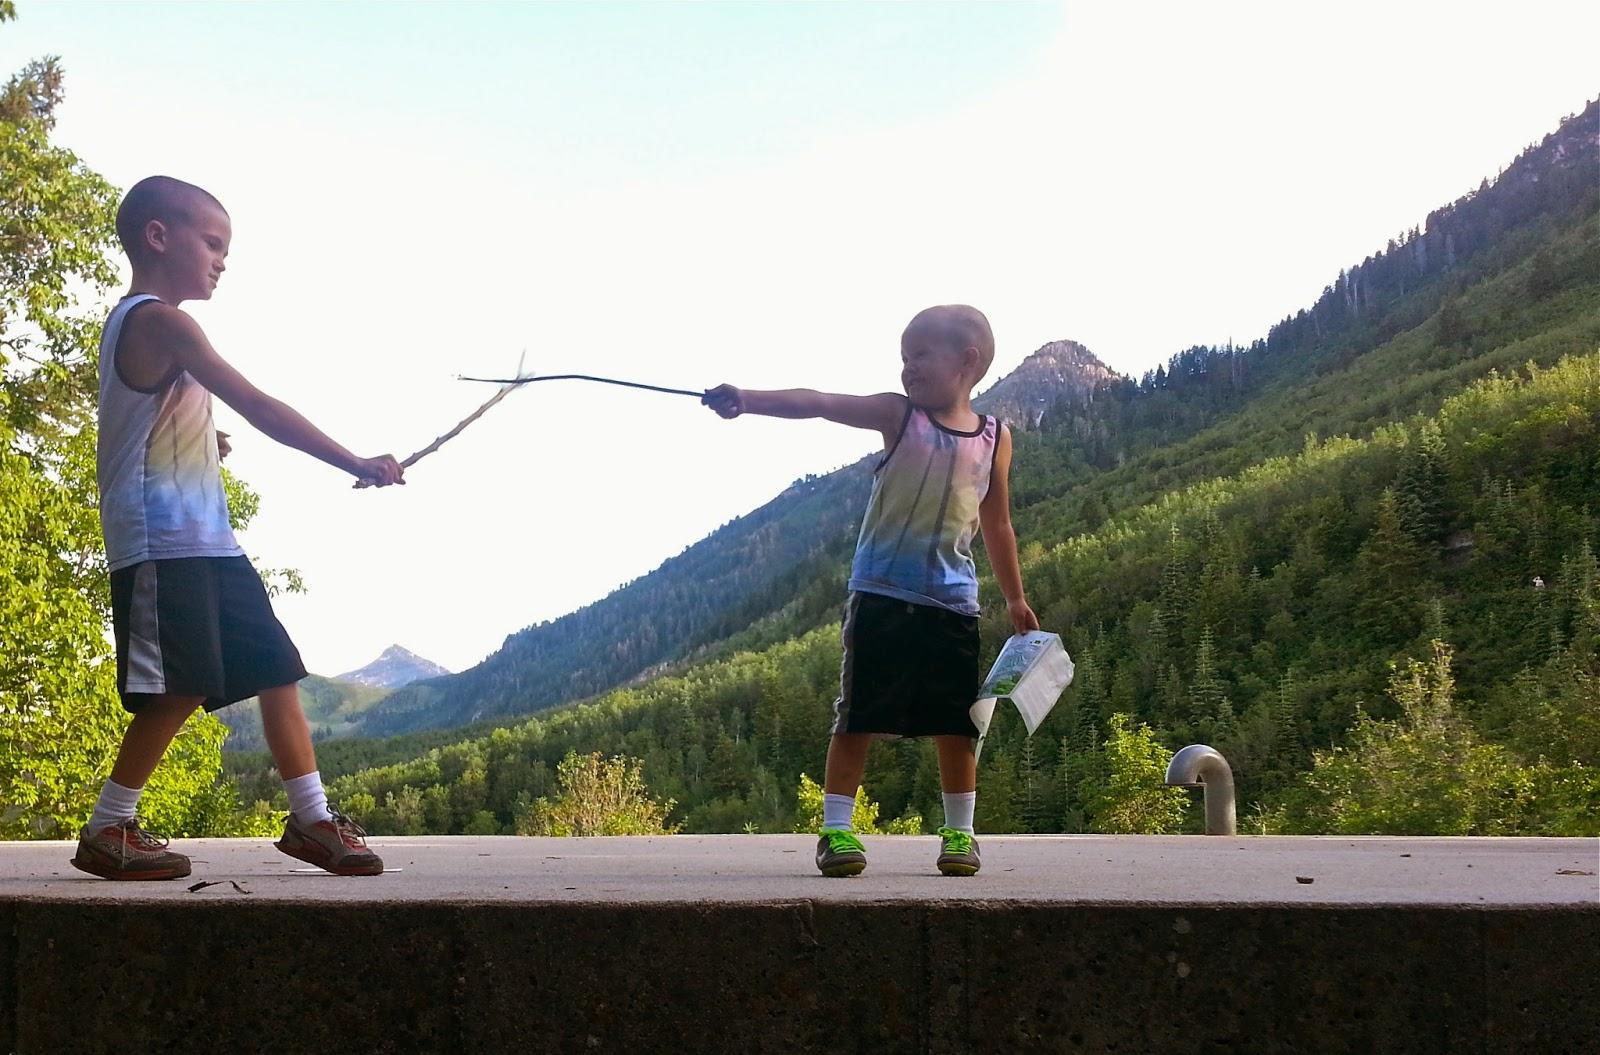 kids sword fighting